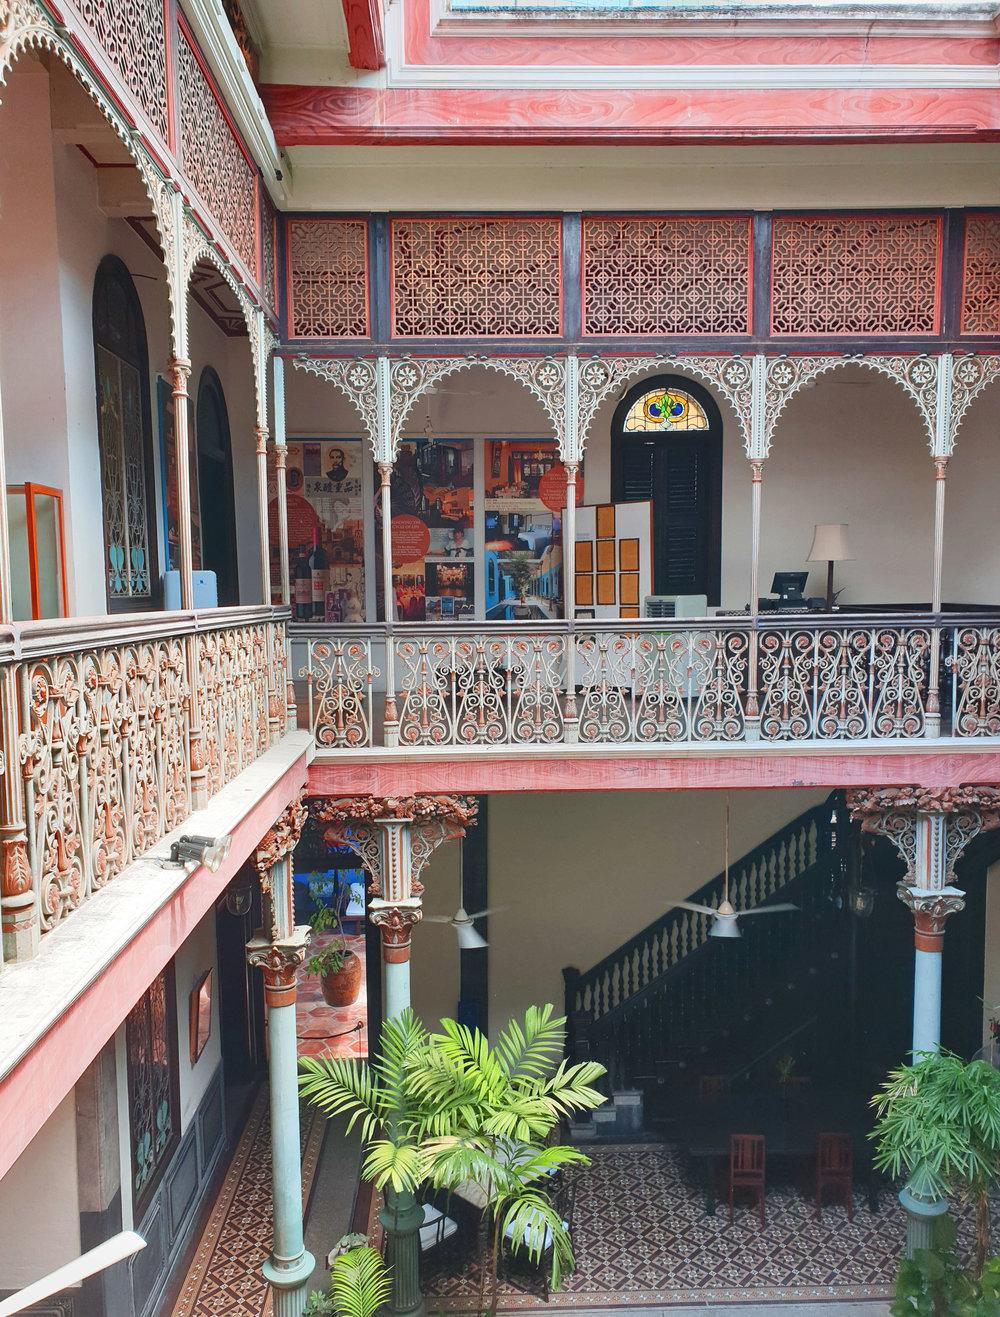 cheonggfatttze_mansion_courtyard2.jpg